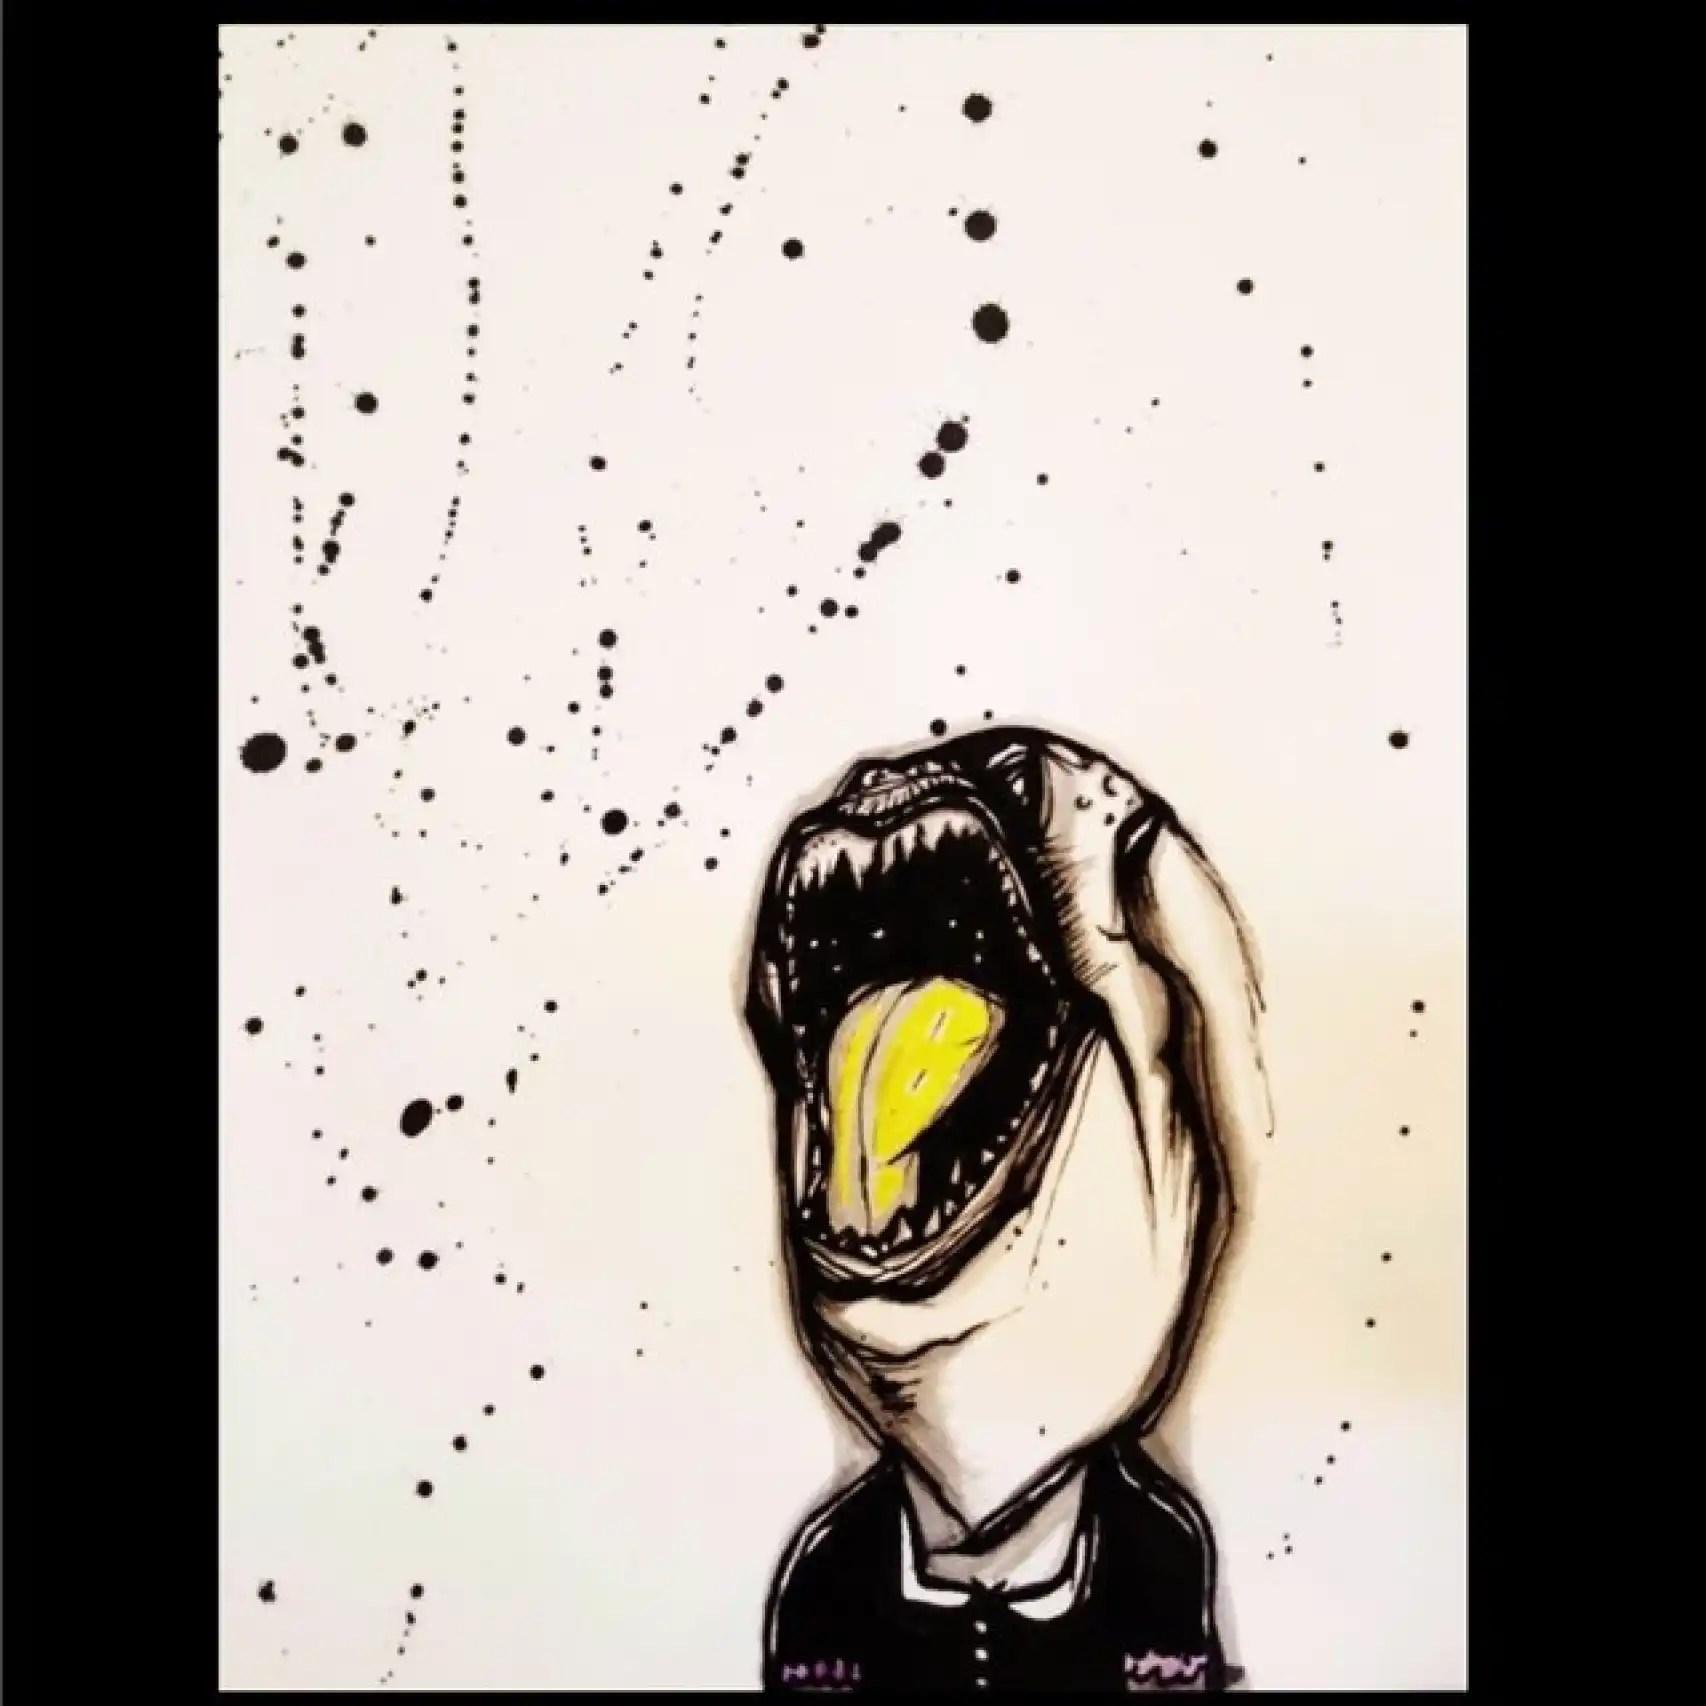 Uno de los siniestros cuadros de Frances Bean.